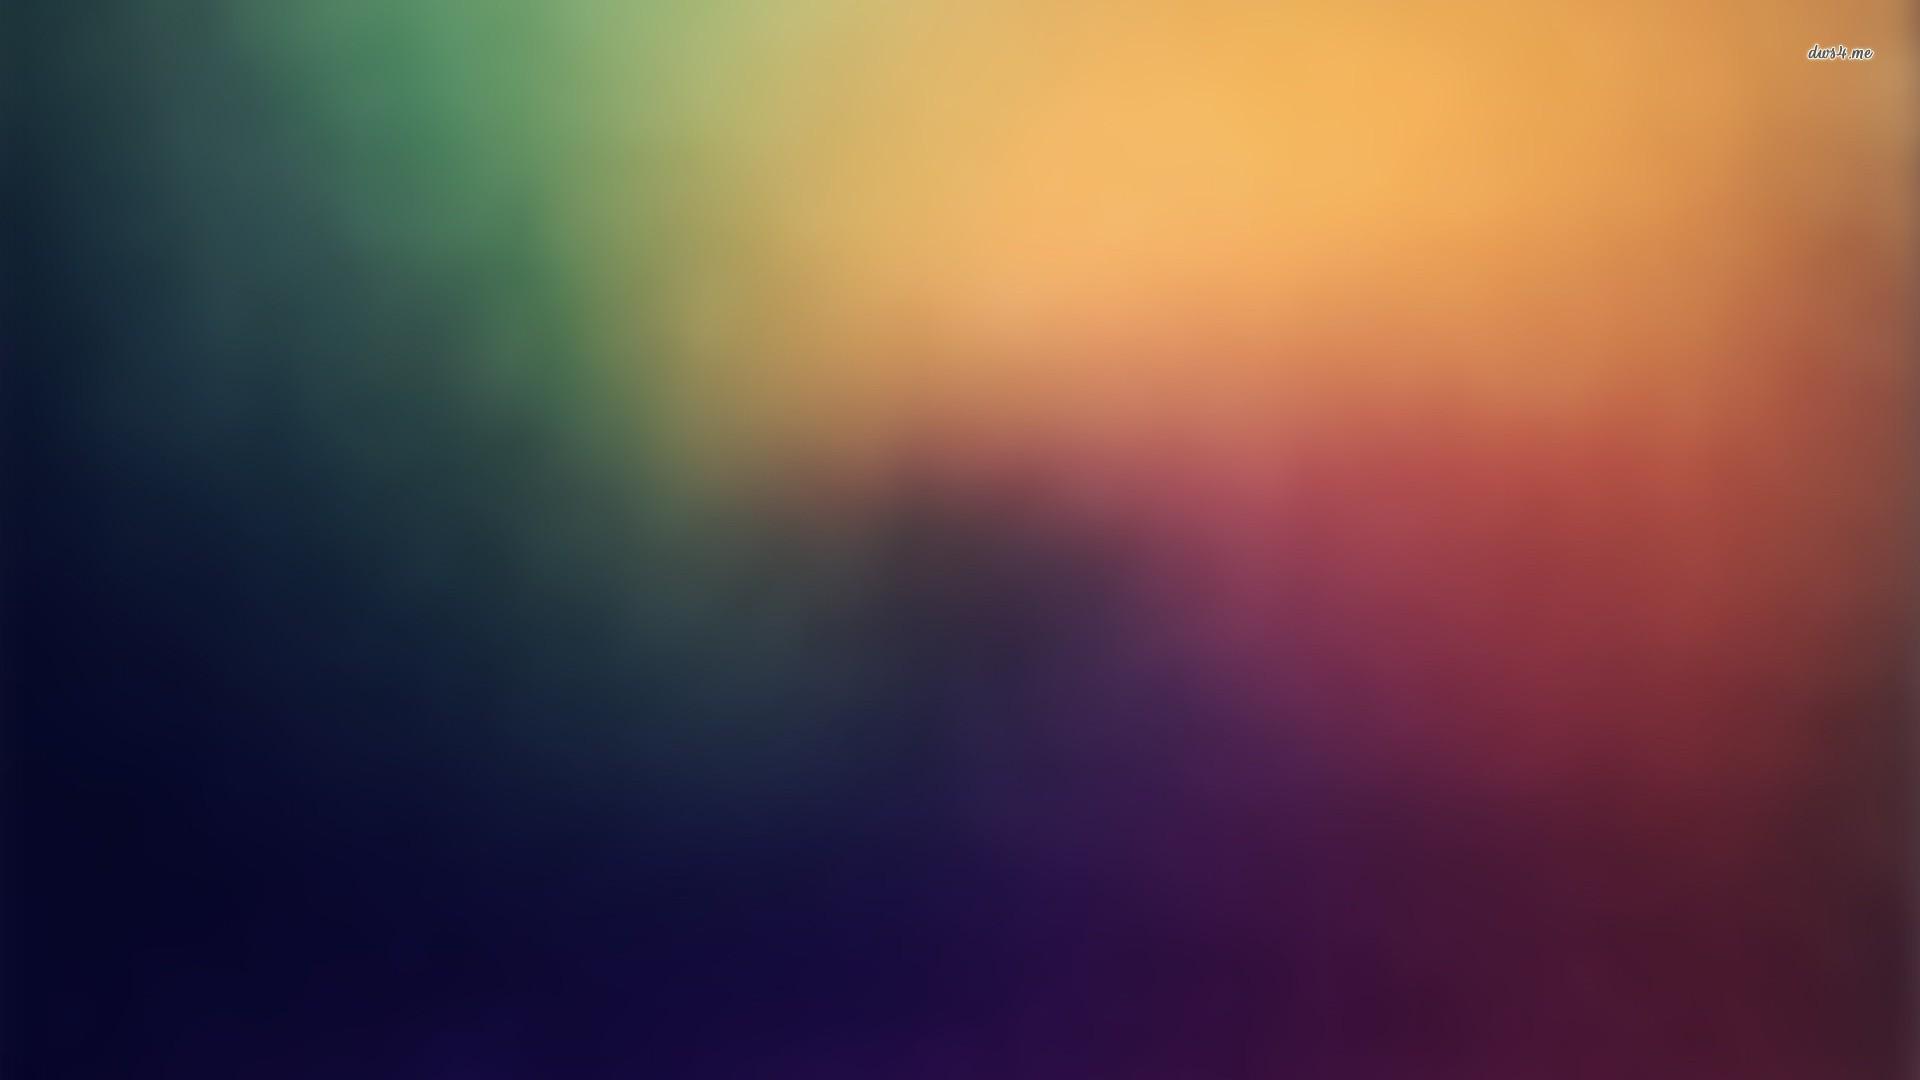 Gradient · Plain Lavender Wallpaper Hd: …